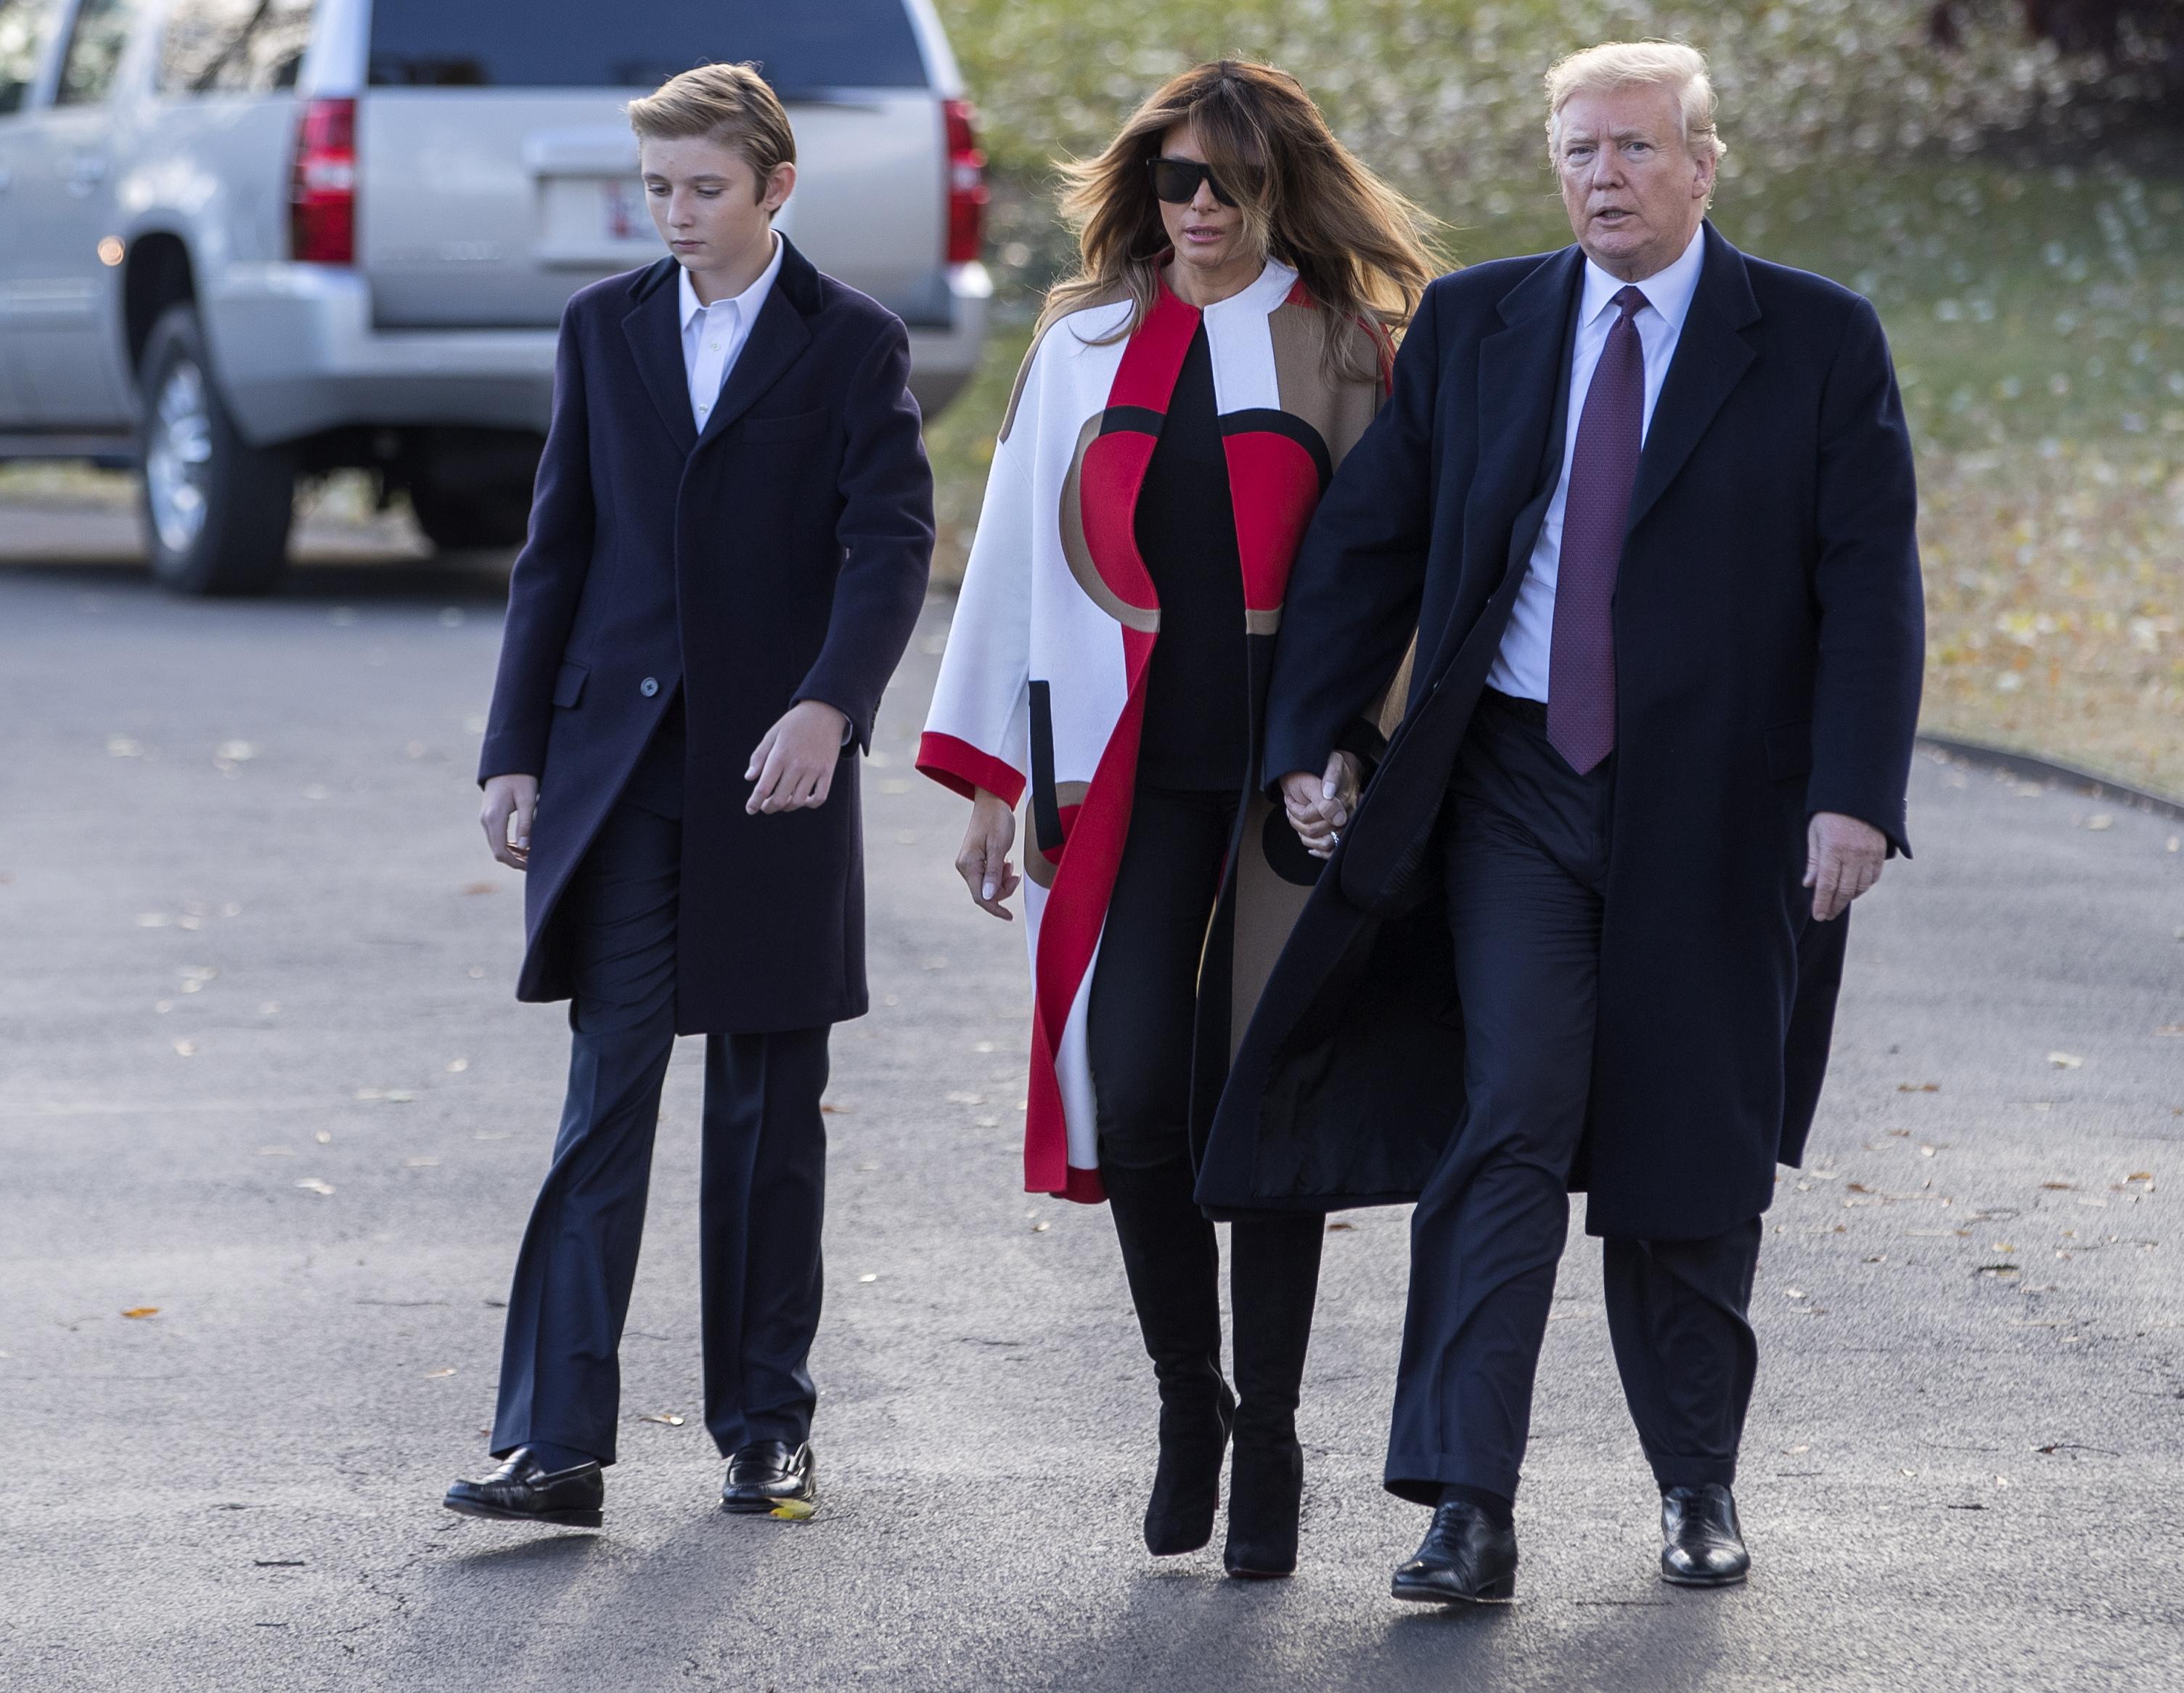 Izborom novog predstojnika ureda, Trump pokušava osvježiti Bijelu kuću